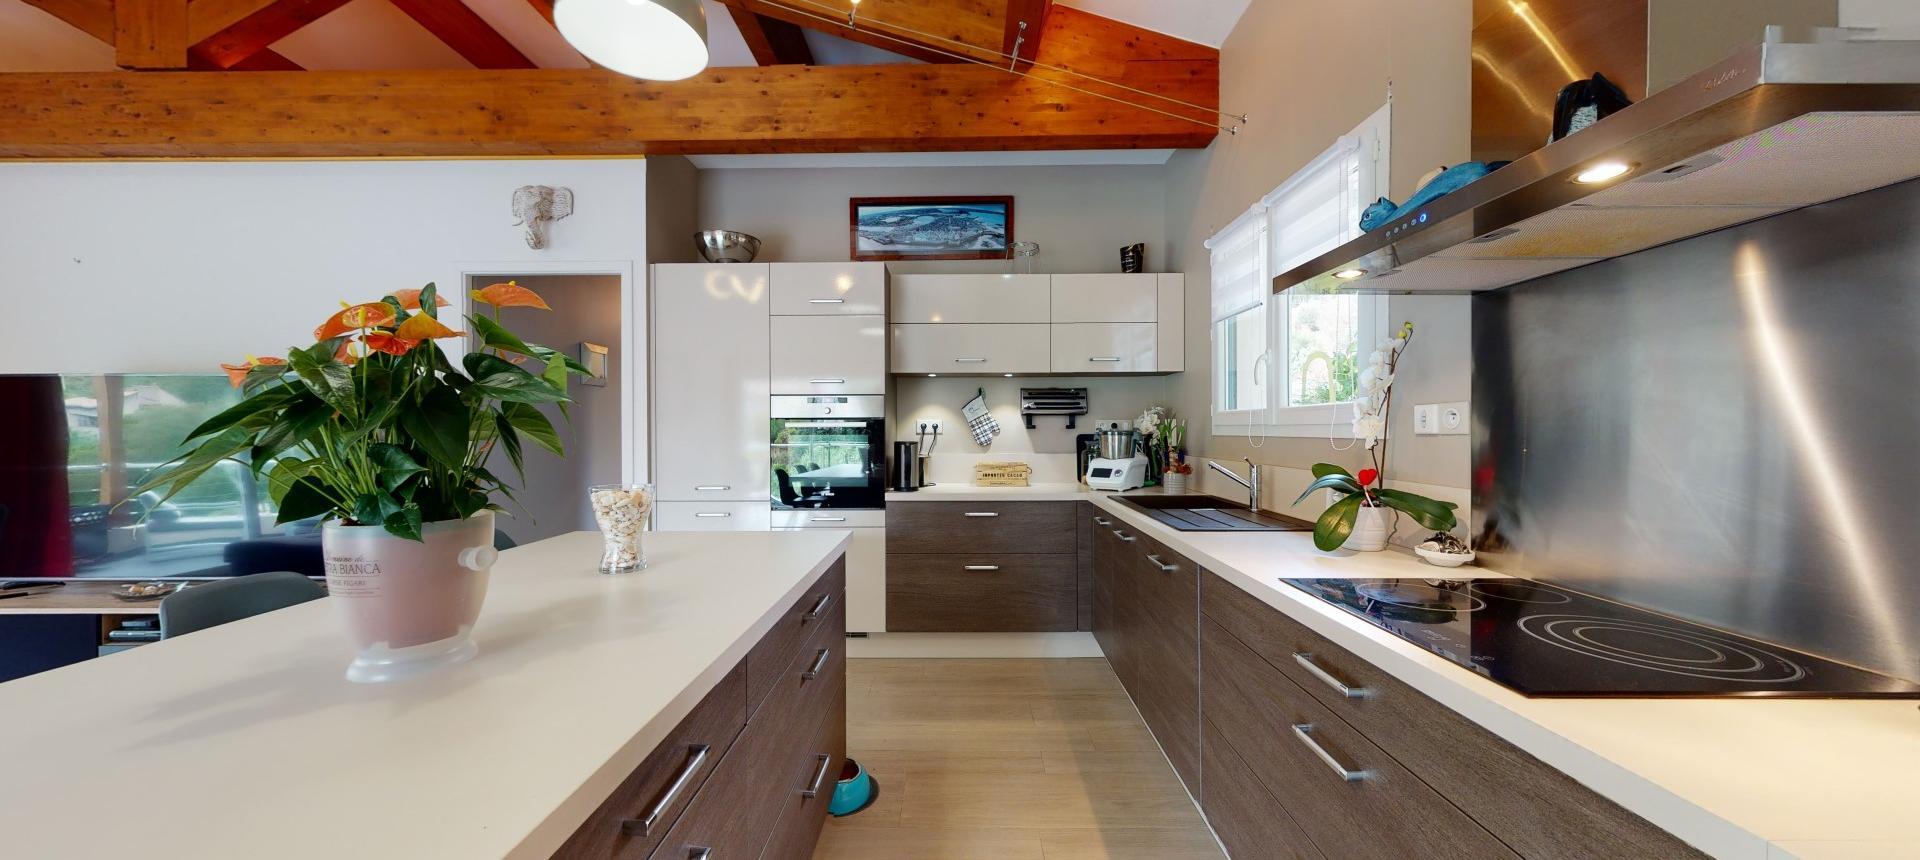 Villa à vendre proche Ajaccio - San Benedetto - Vue cuisine 1 - RDC